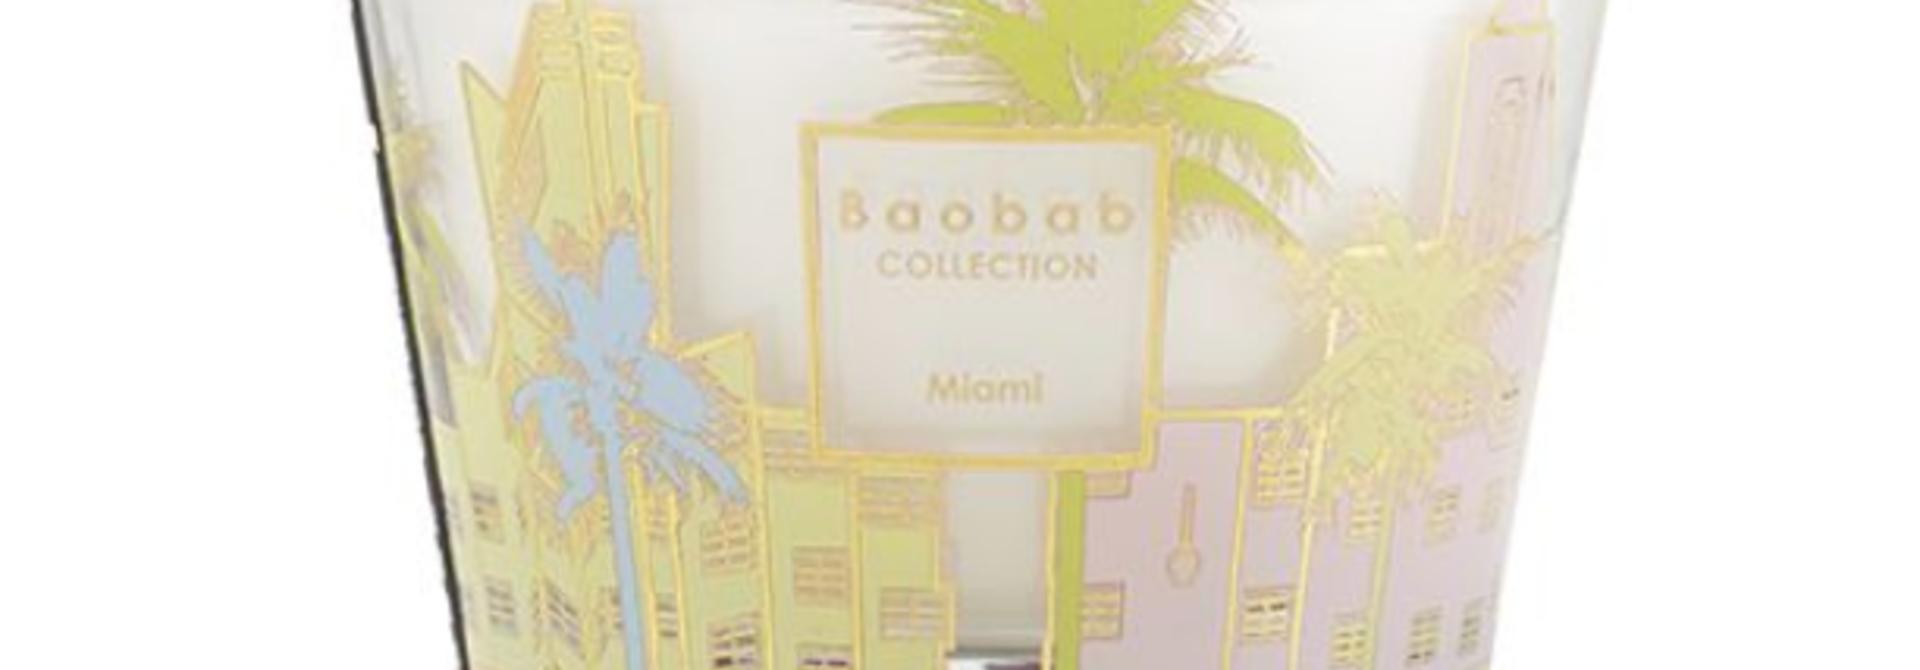 Miami MAX 10